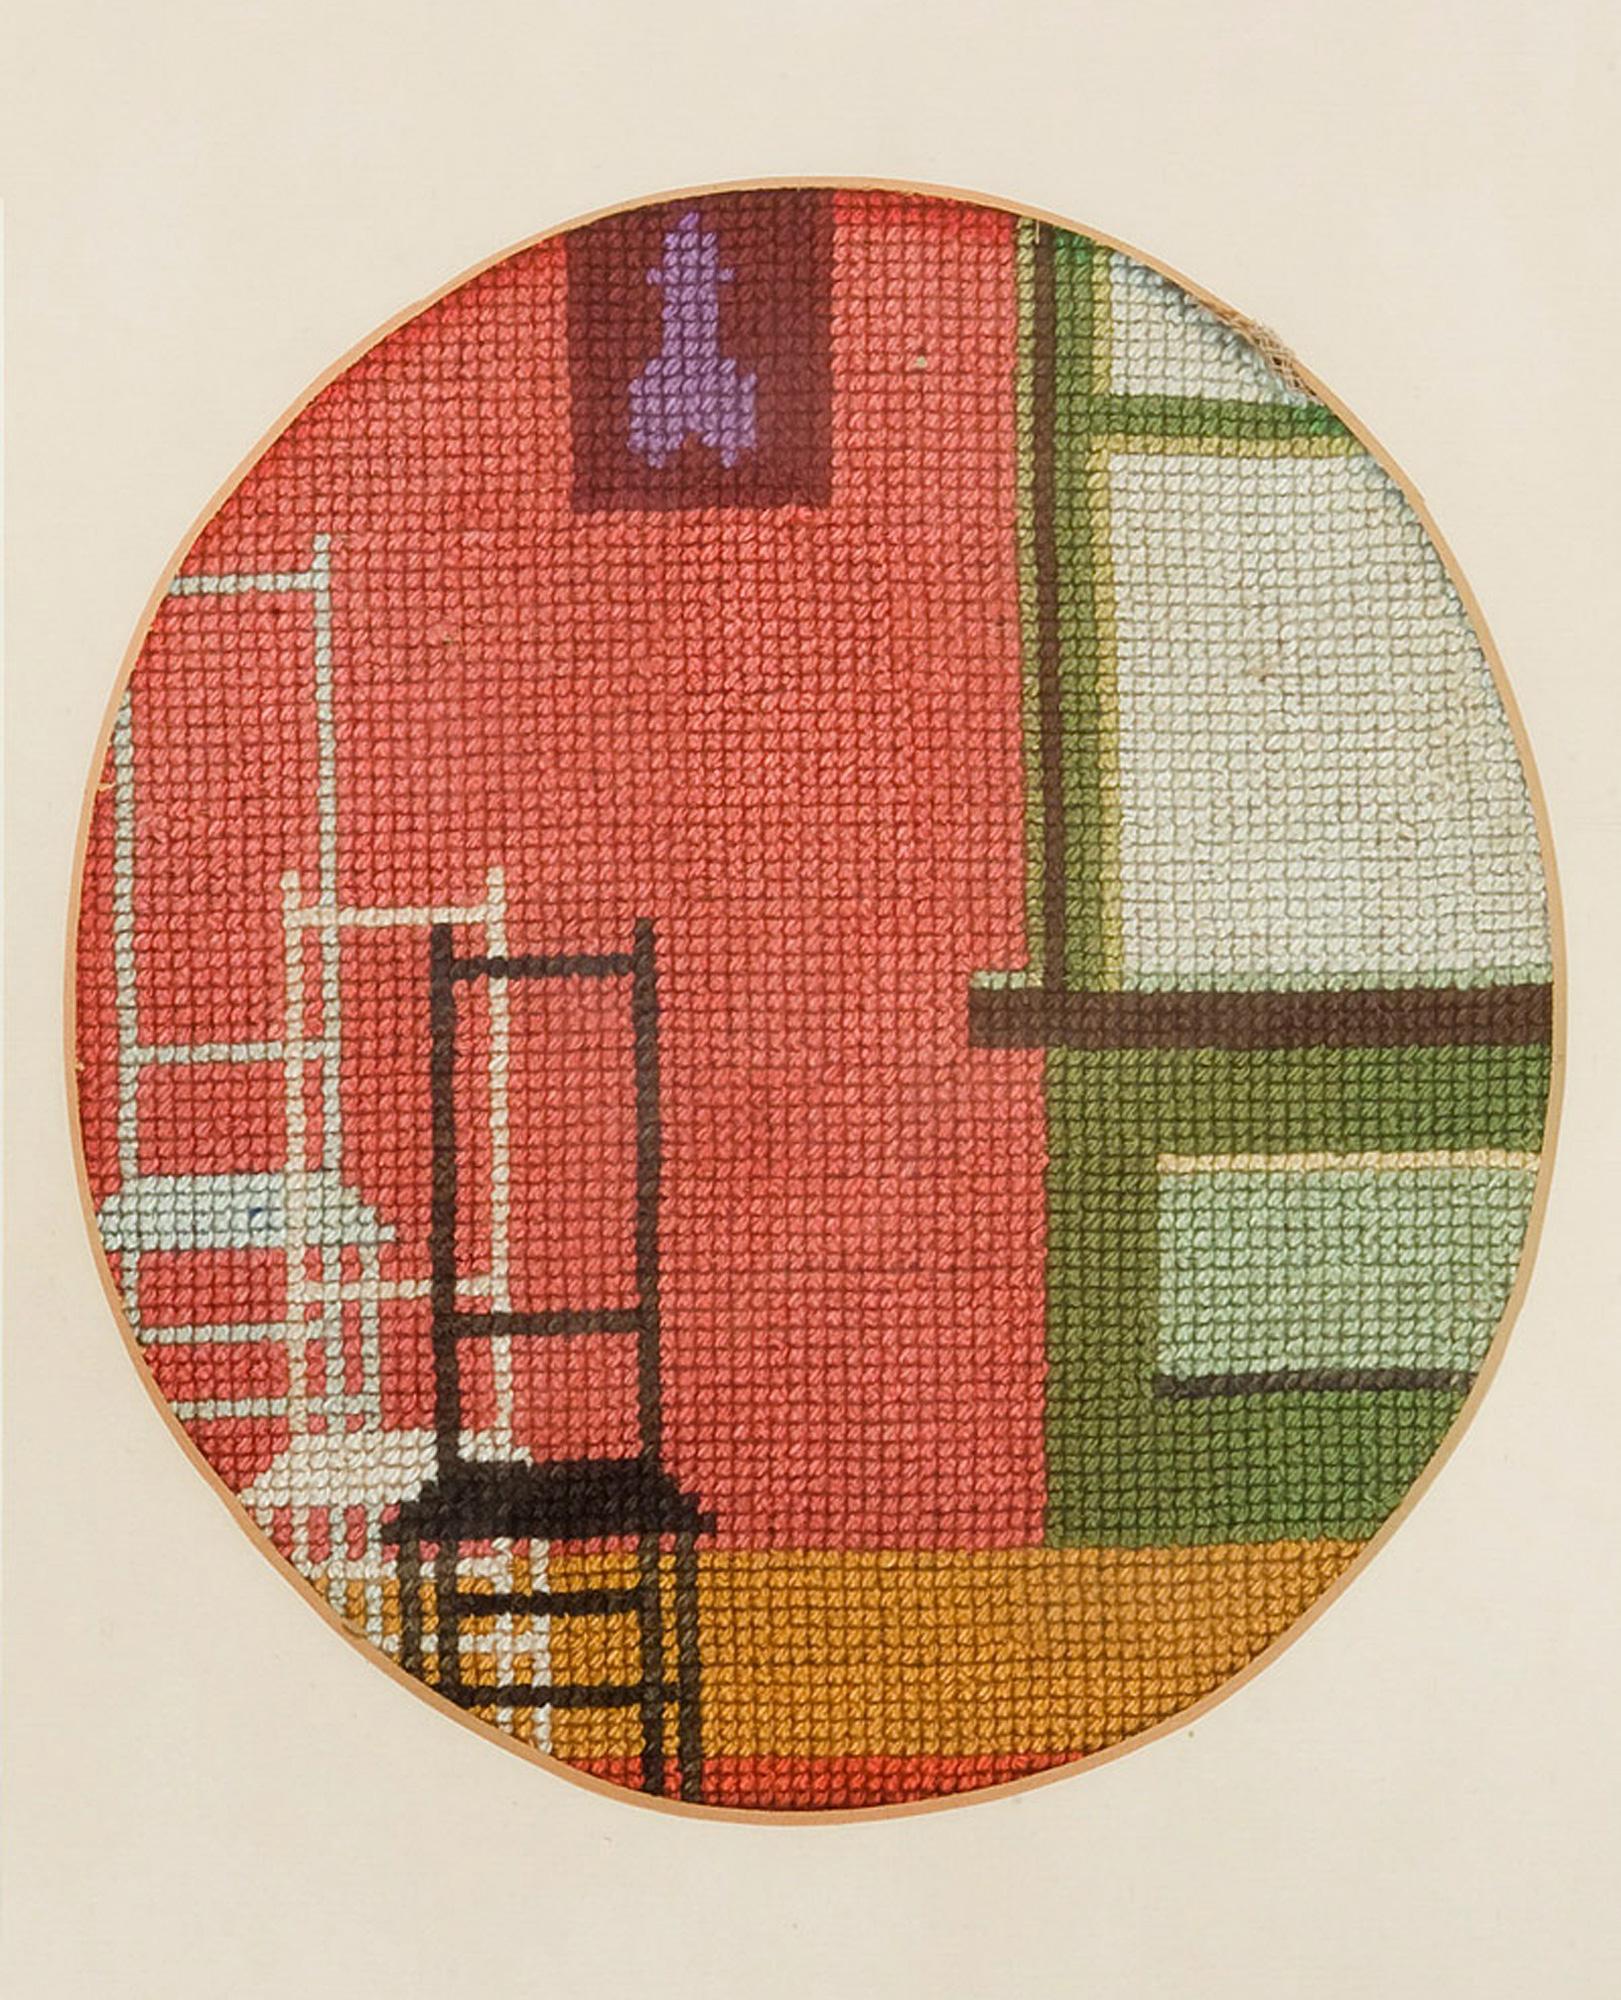 Melle schilder | stoelen, borduurzijde op stramien